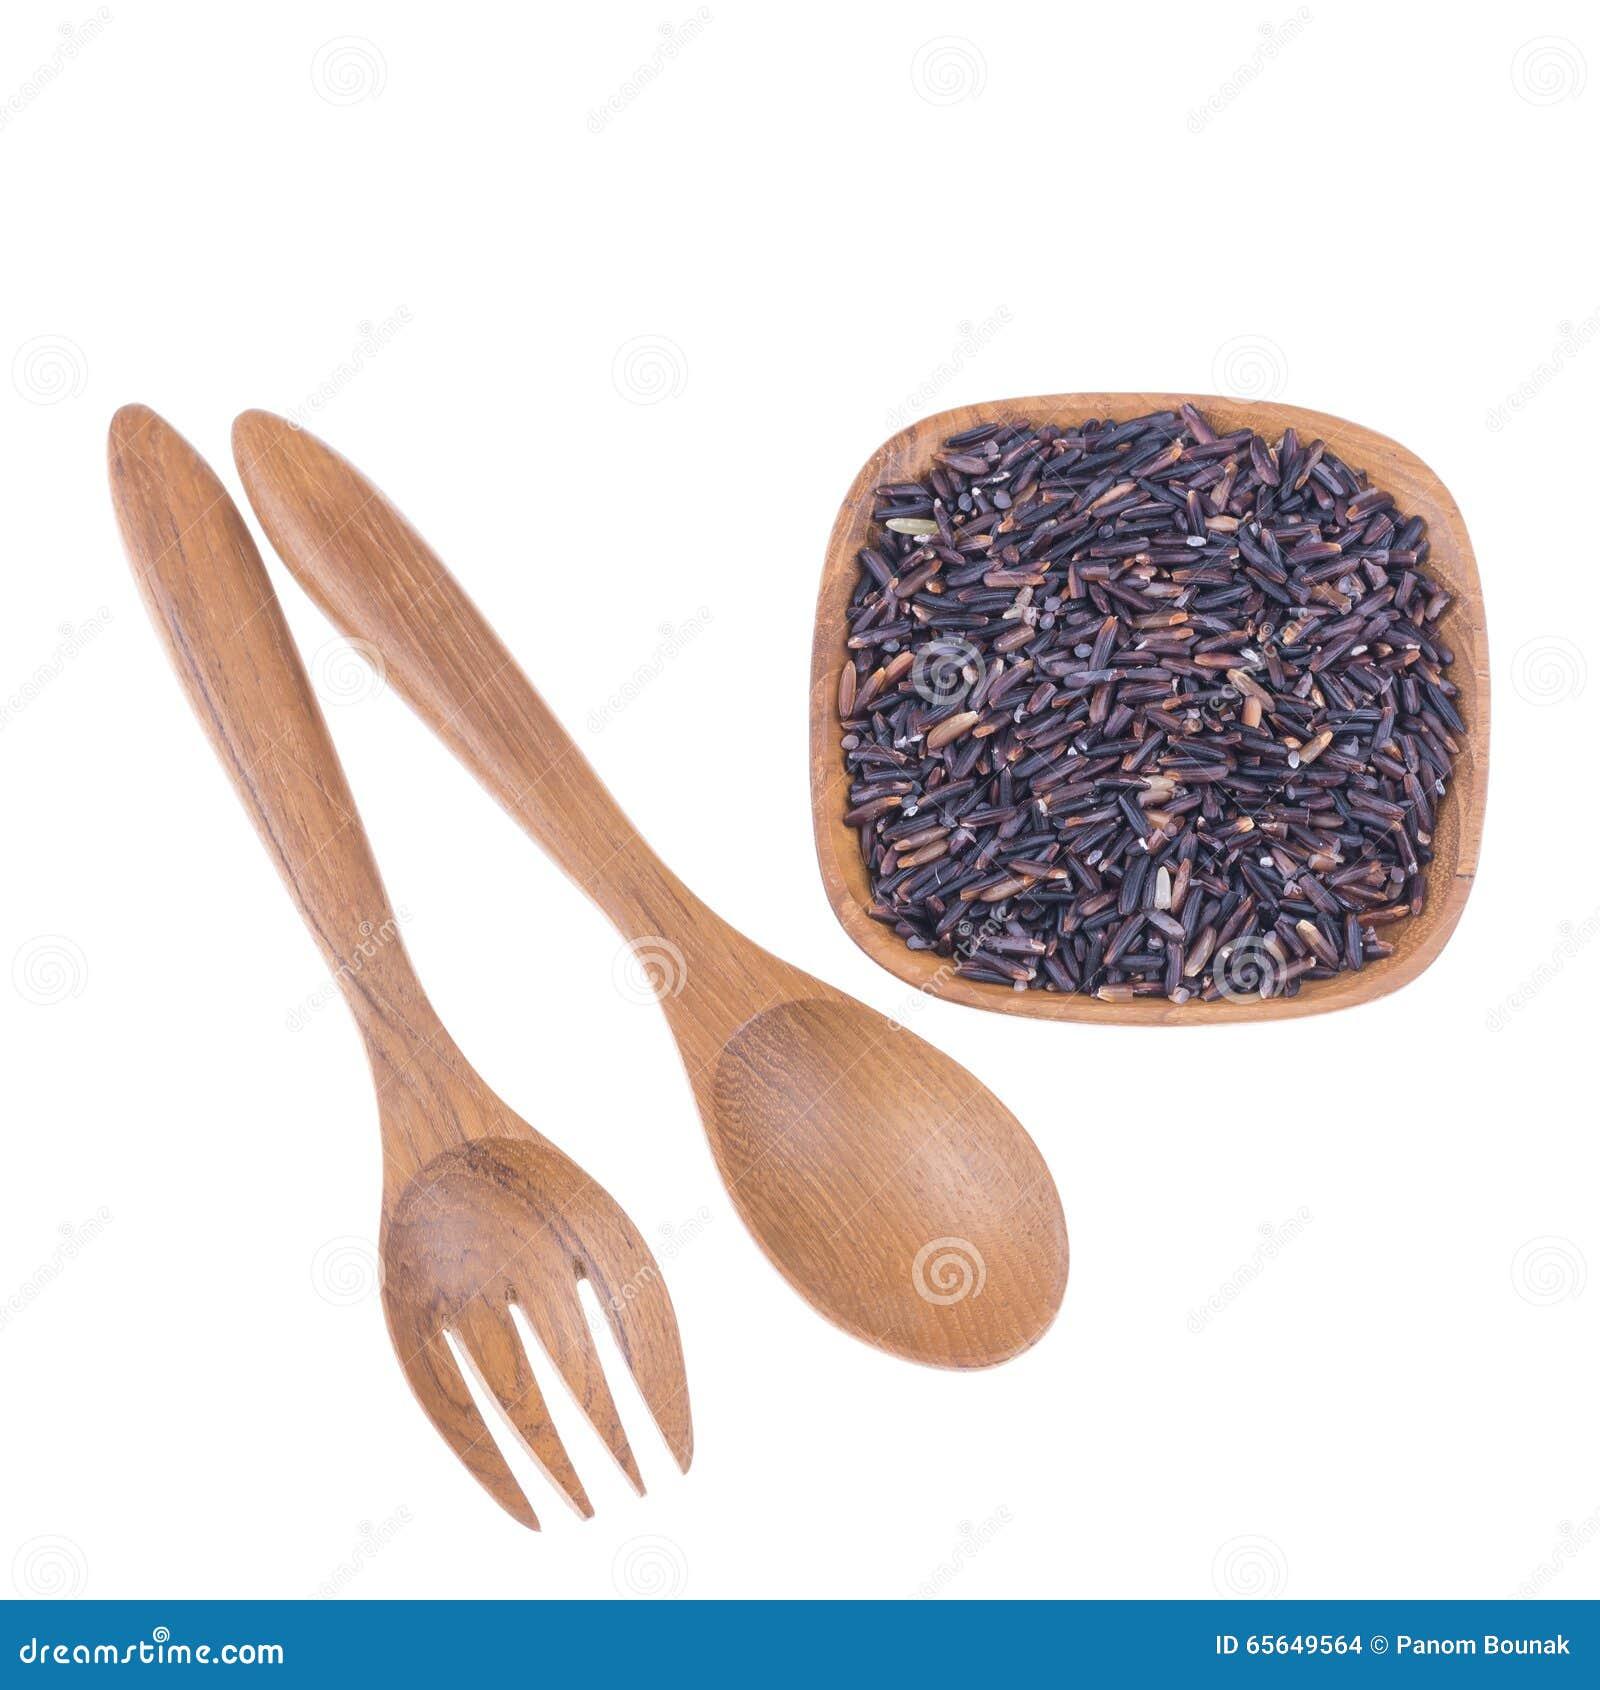 Fourchette et cuillère en bois naturelles avec du riz dans la petite cuvette en bois